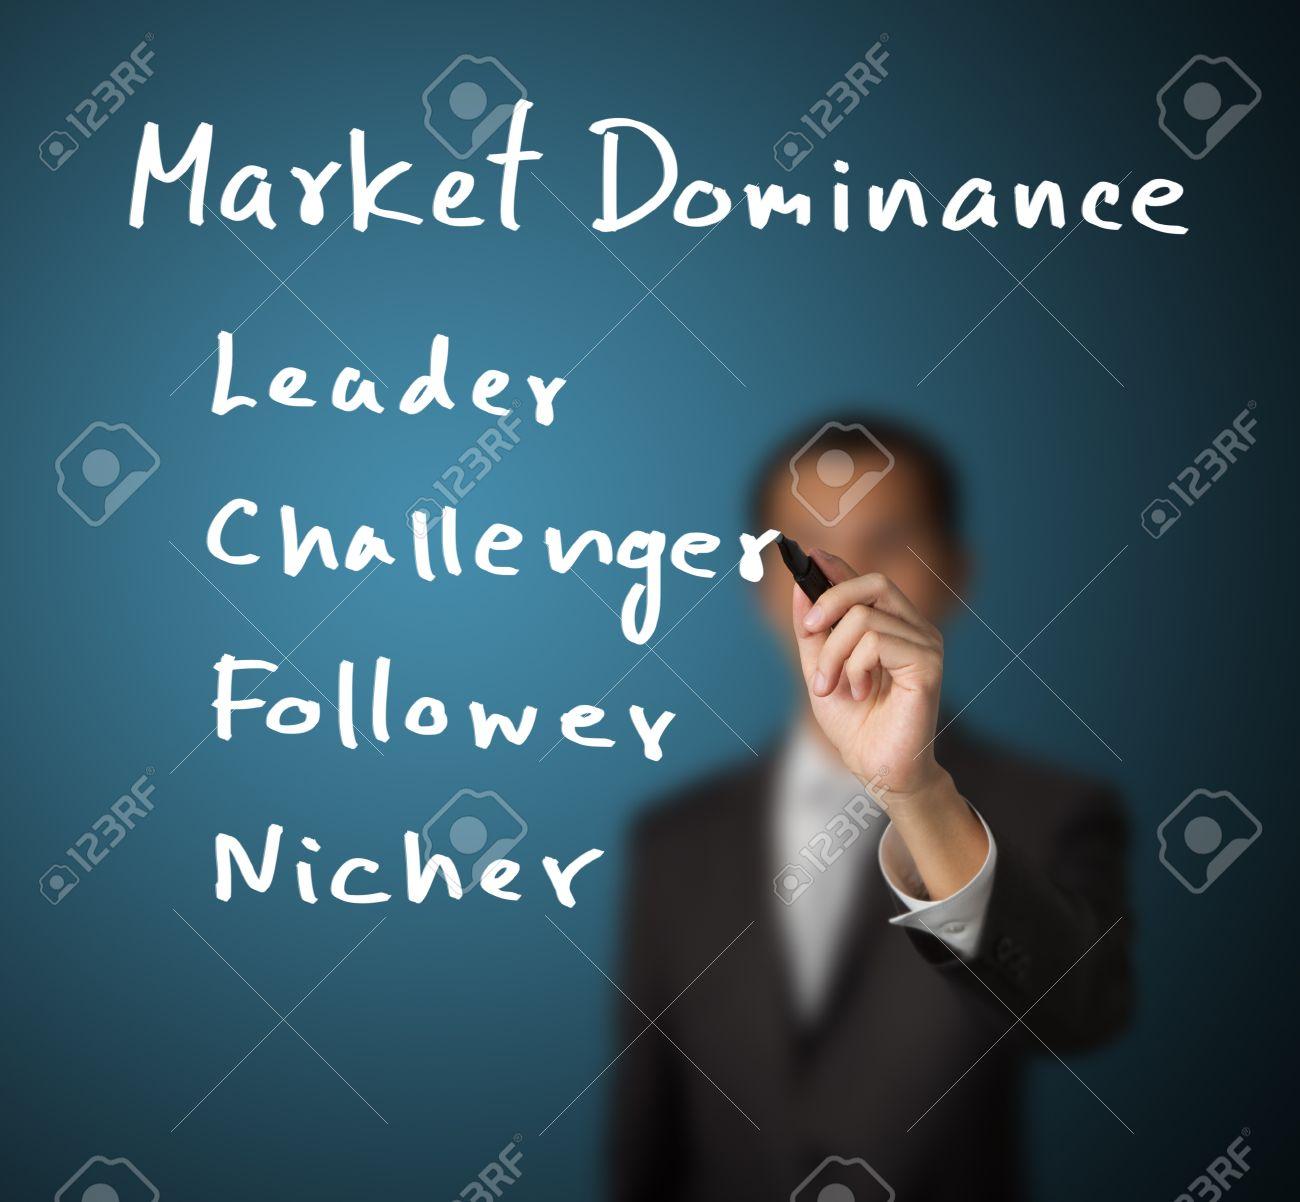 market dominance Gallery